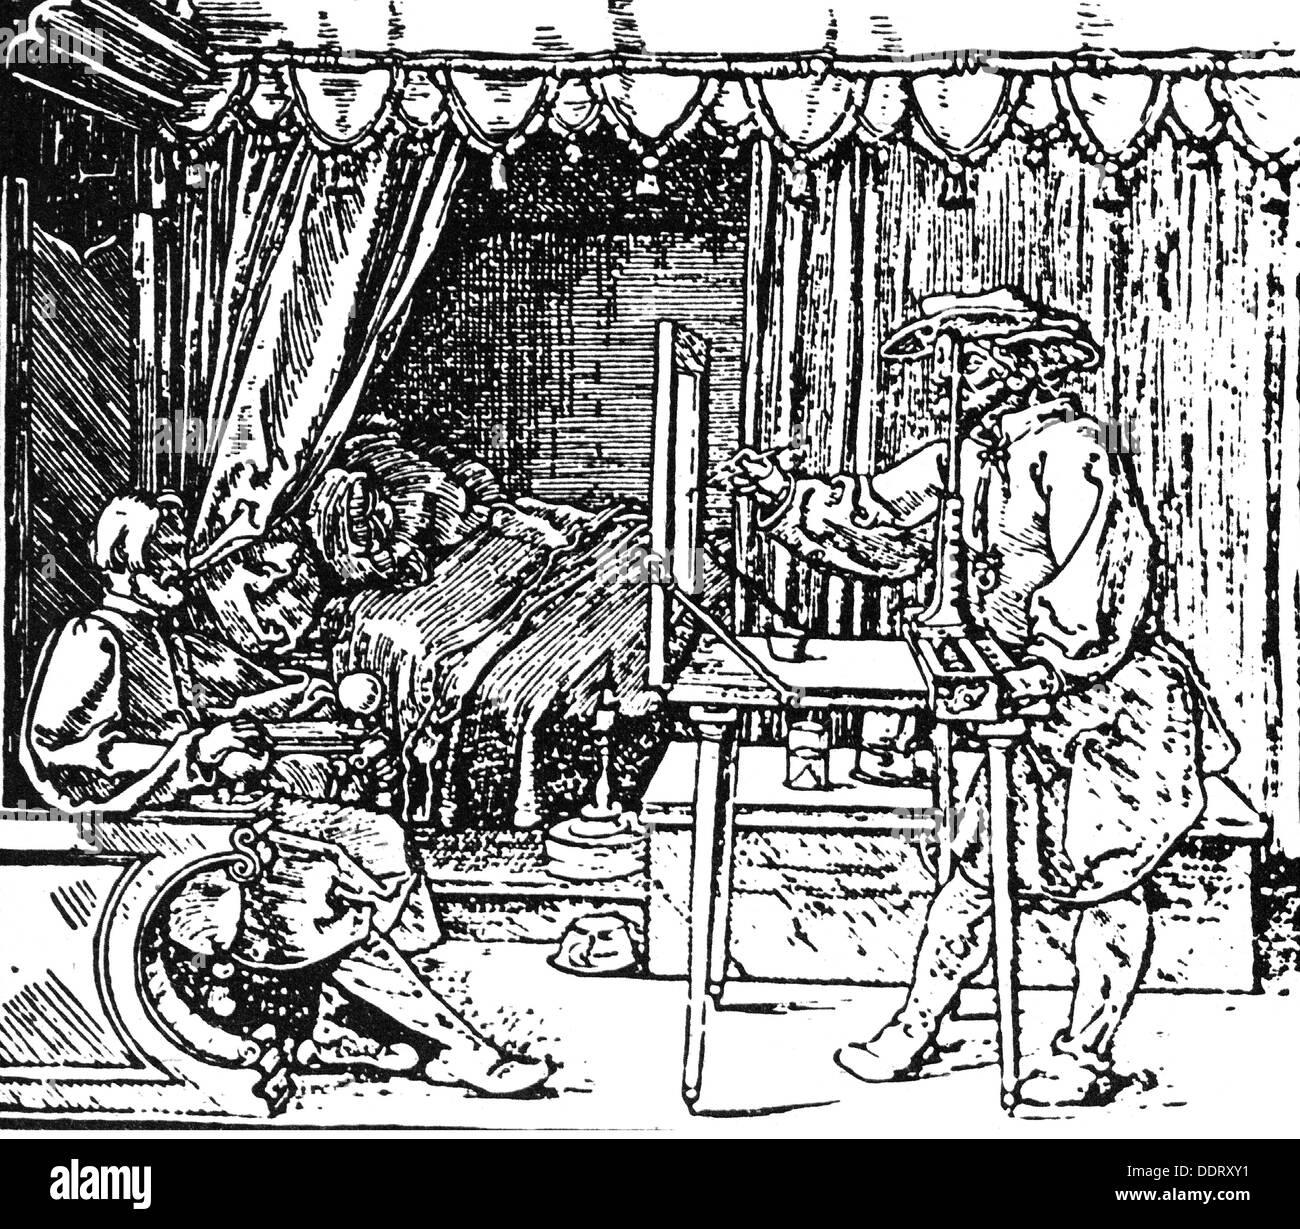 """Dürer, Albrecht, 21.5.1471 - 6.4.1528, deutscher Maler und Grafiker, """"Underweysung der Messung' (Buch Stockbild"""